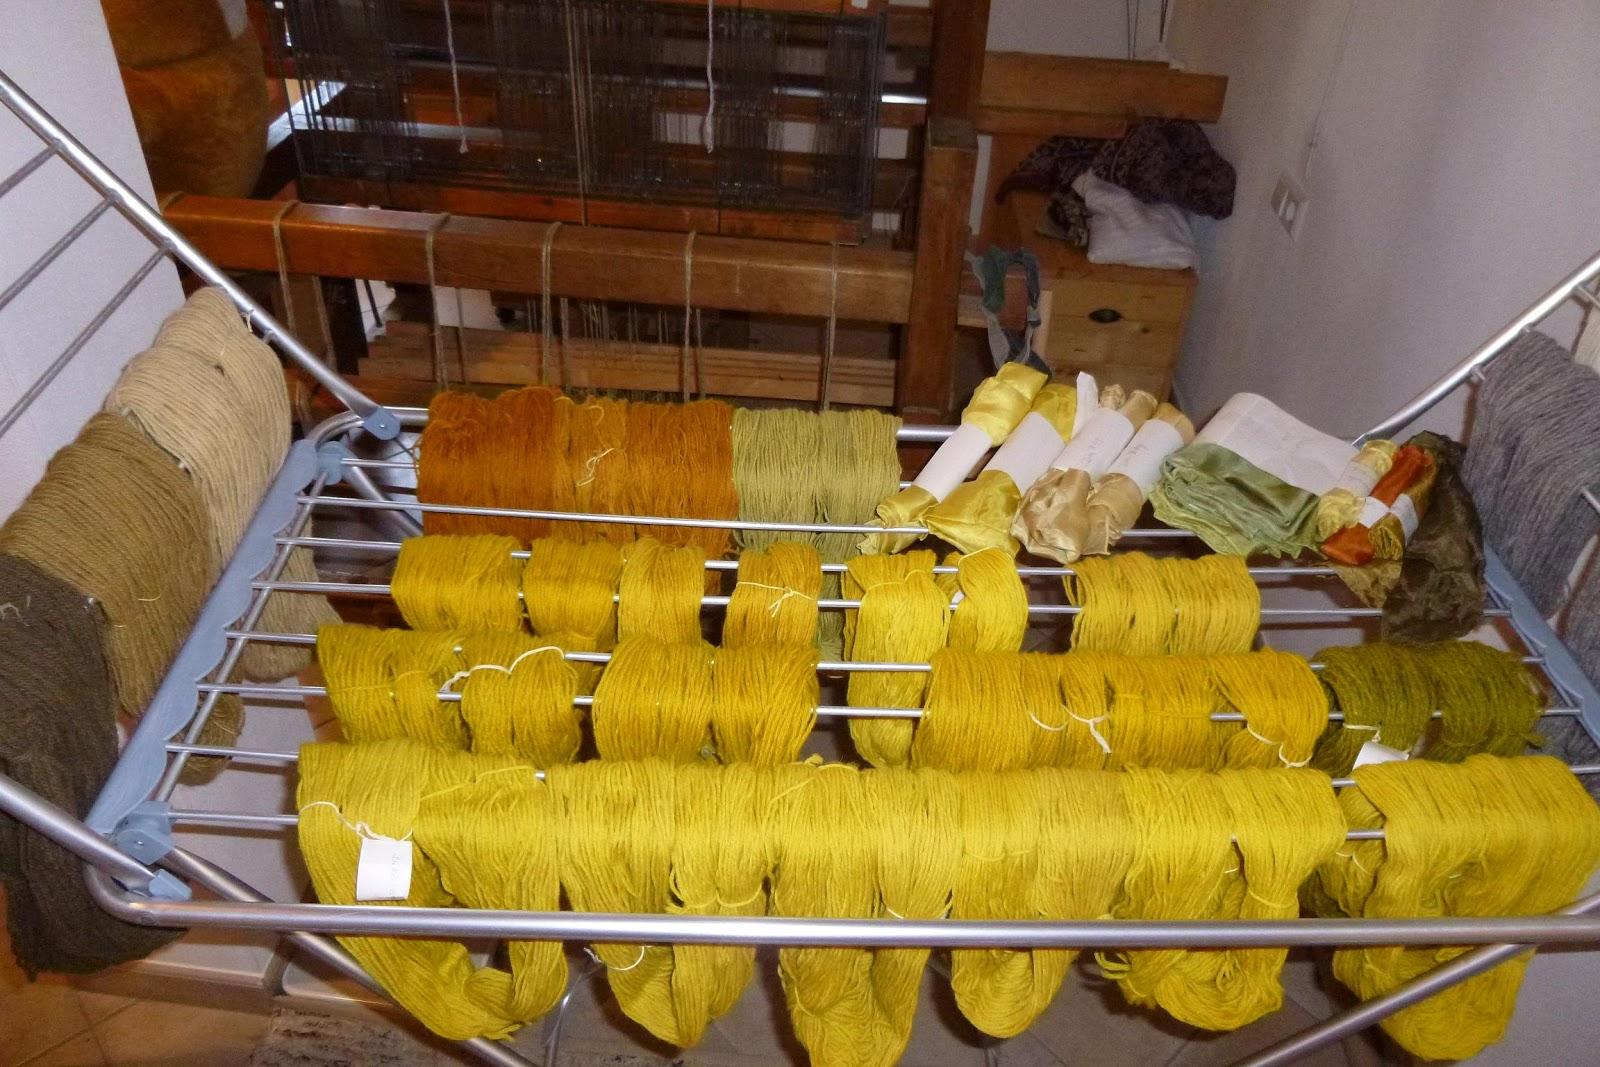 websigrid: Gelb, gelb, gelb sind alle meine Wollen